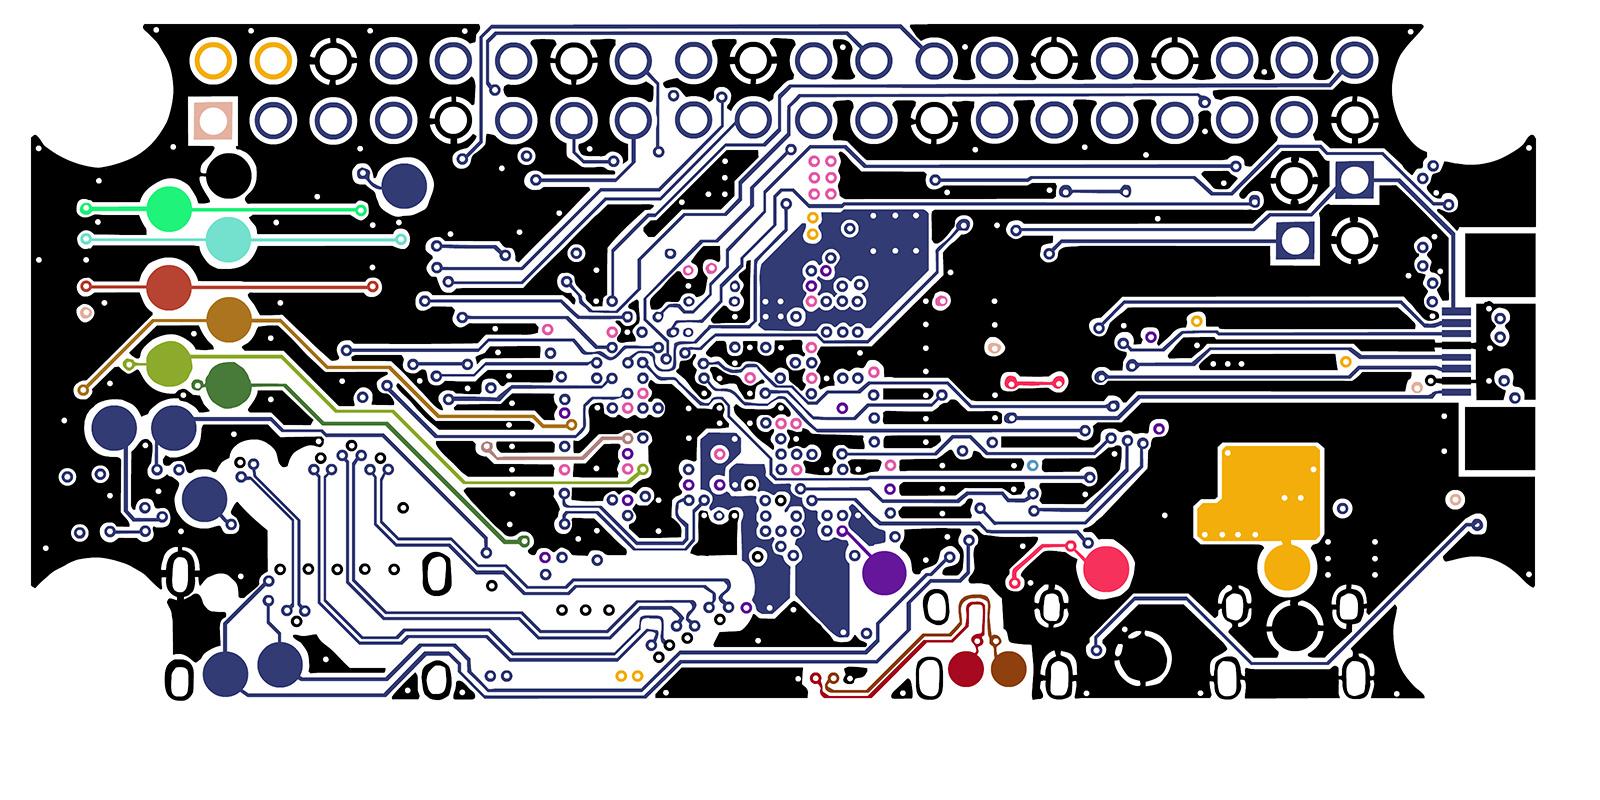 vectorisation6.jpg